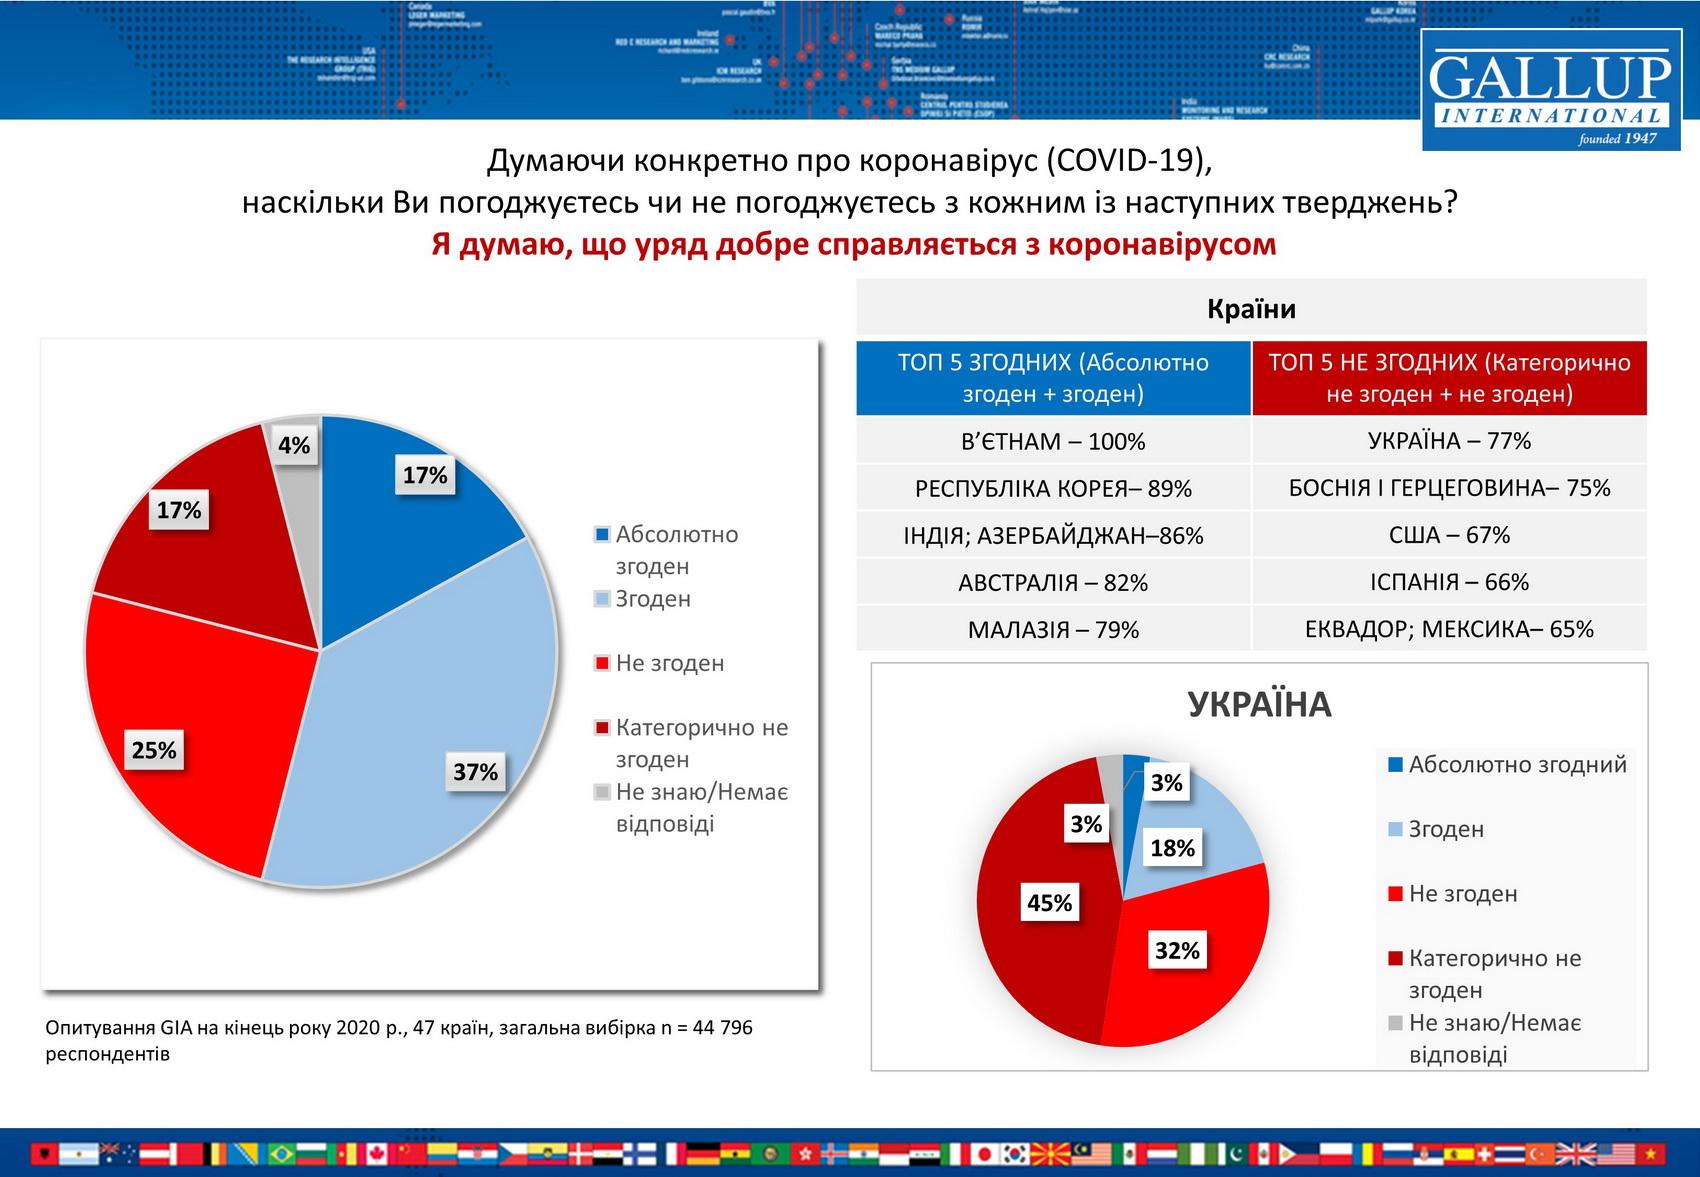 Украинцы больше всех в мире недовольны решениями властей по борьбе с коронакризисом